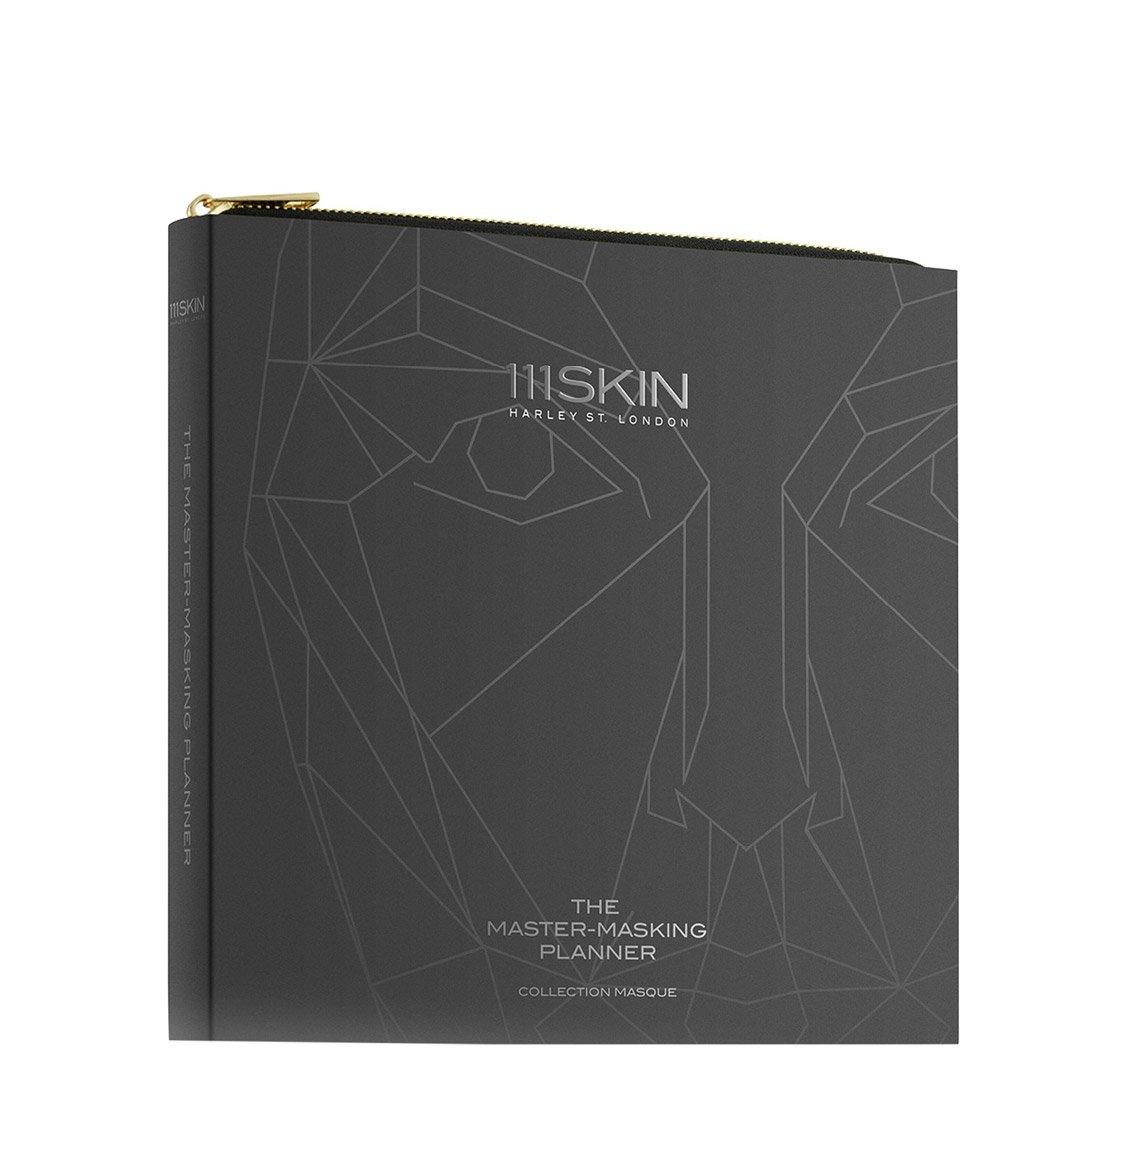 111Skin Master Masking Bundle